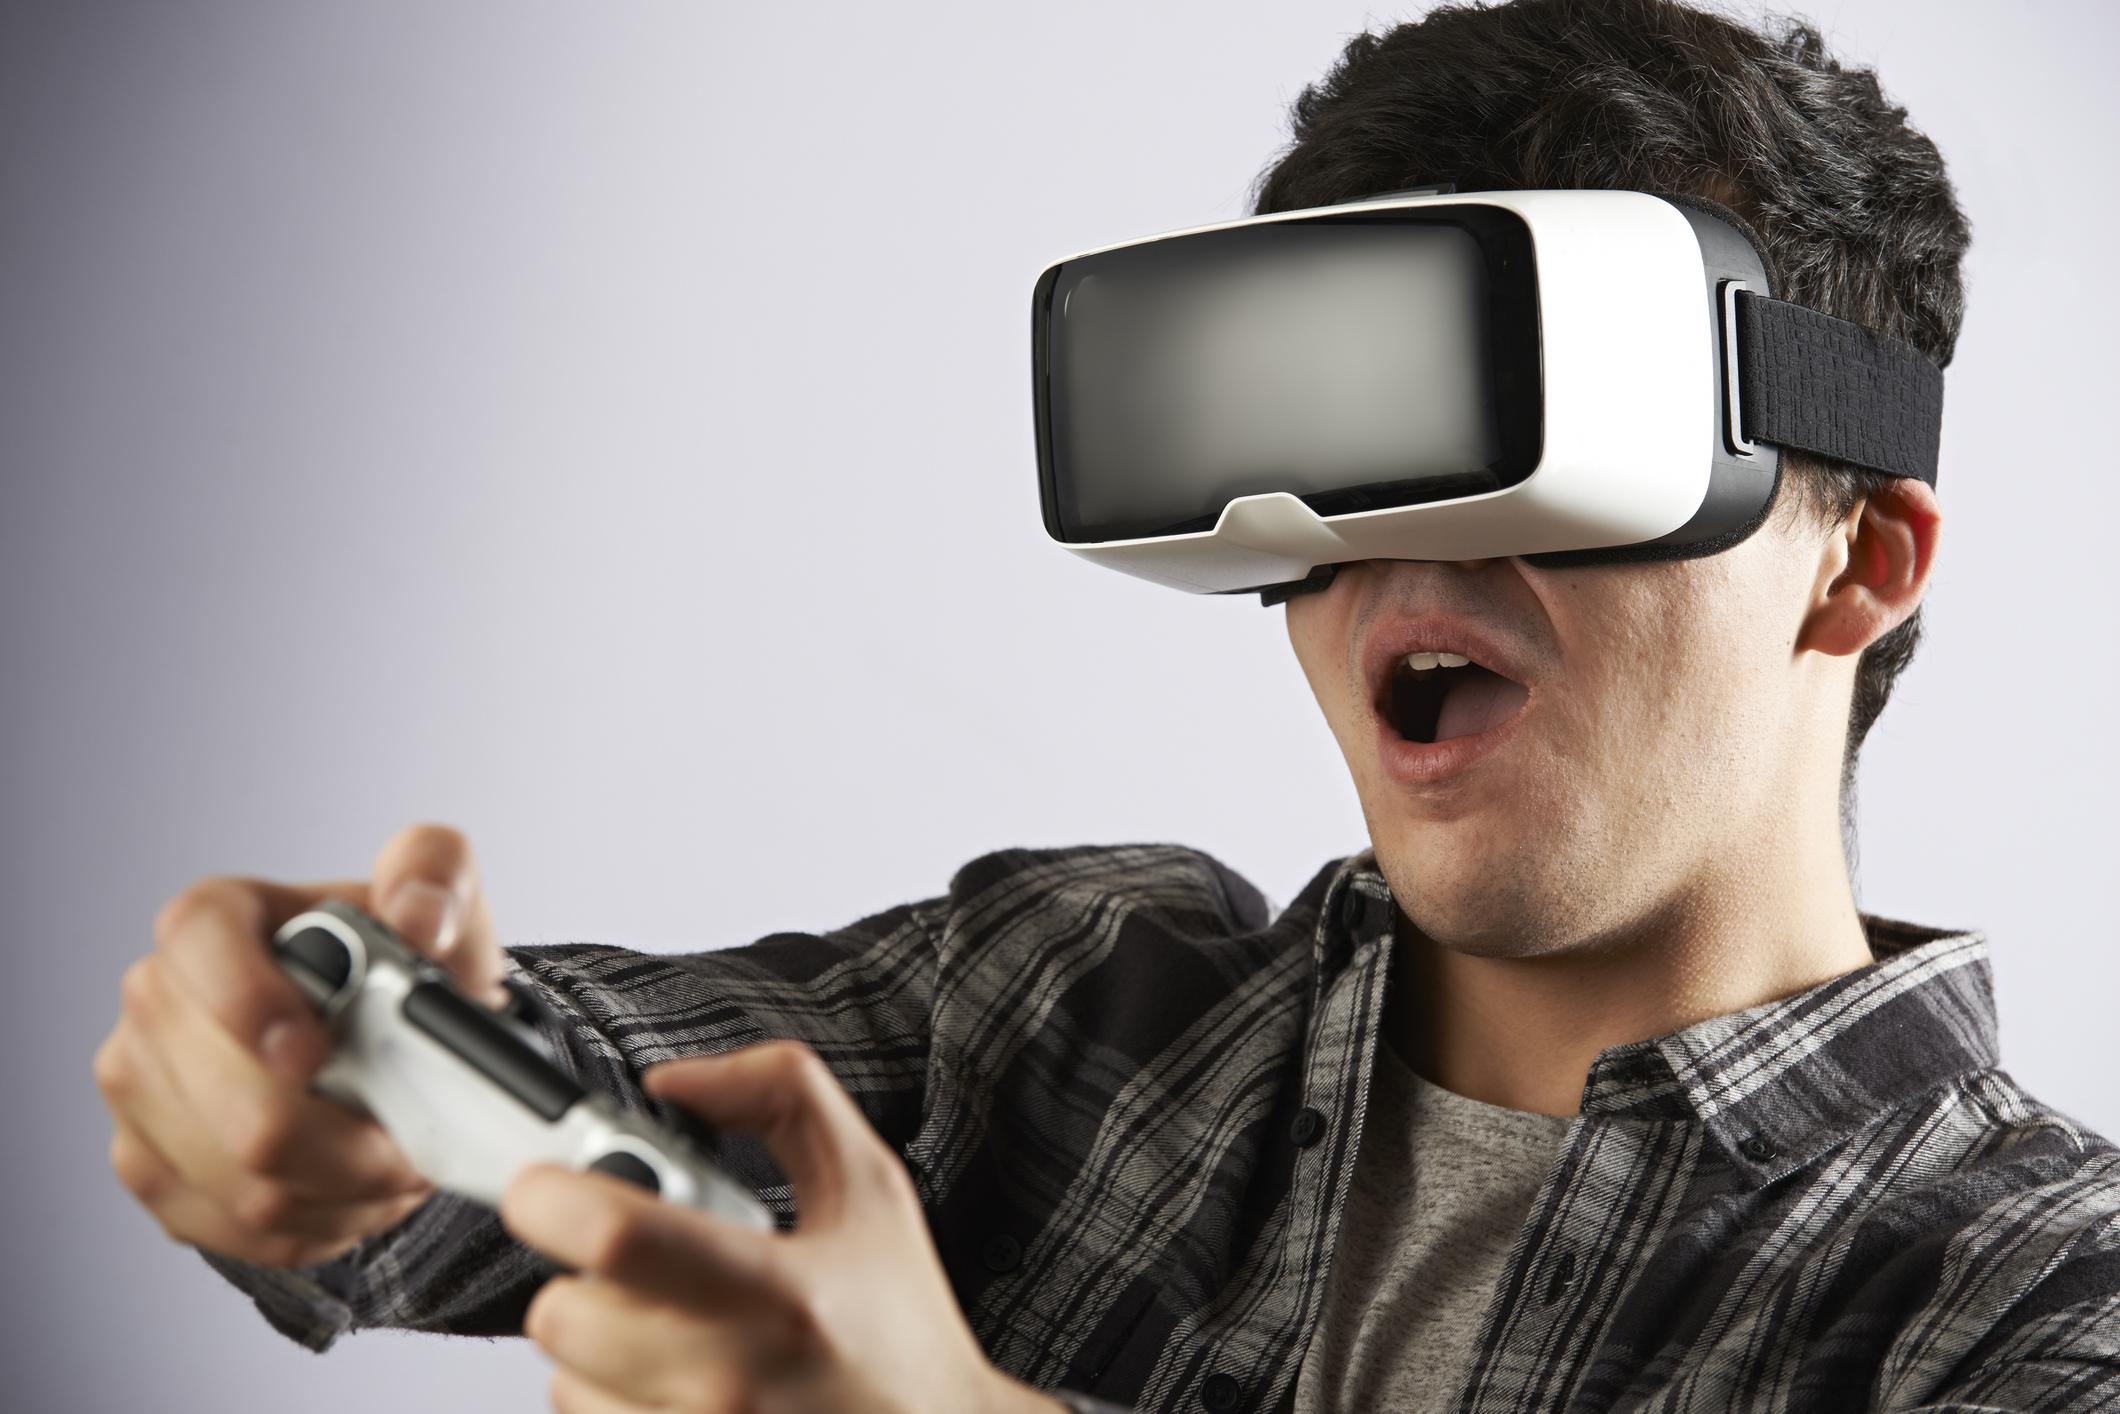 Man Playing Video Game Wearing Virtual Reality Headset